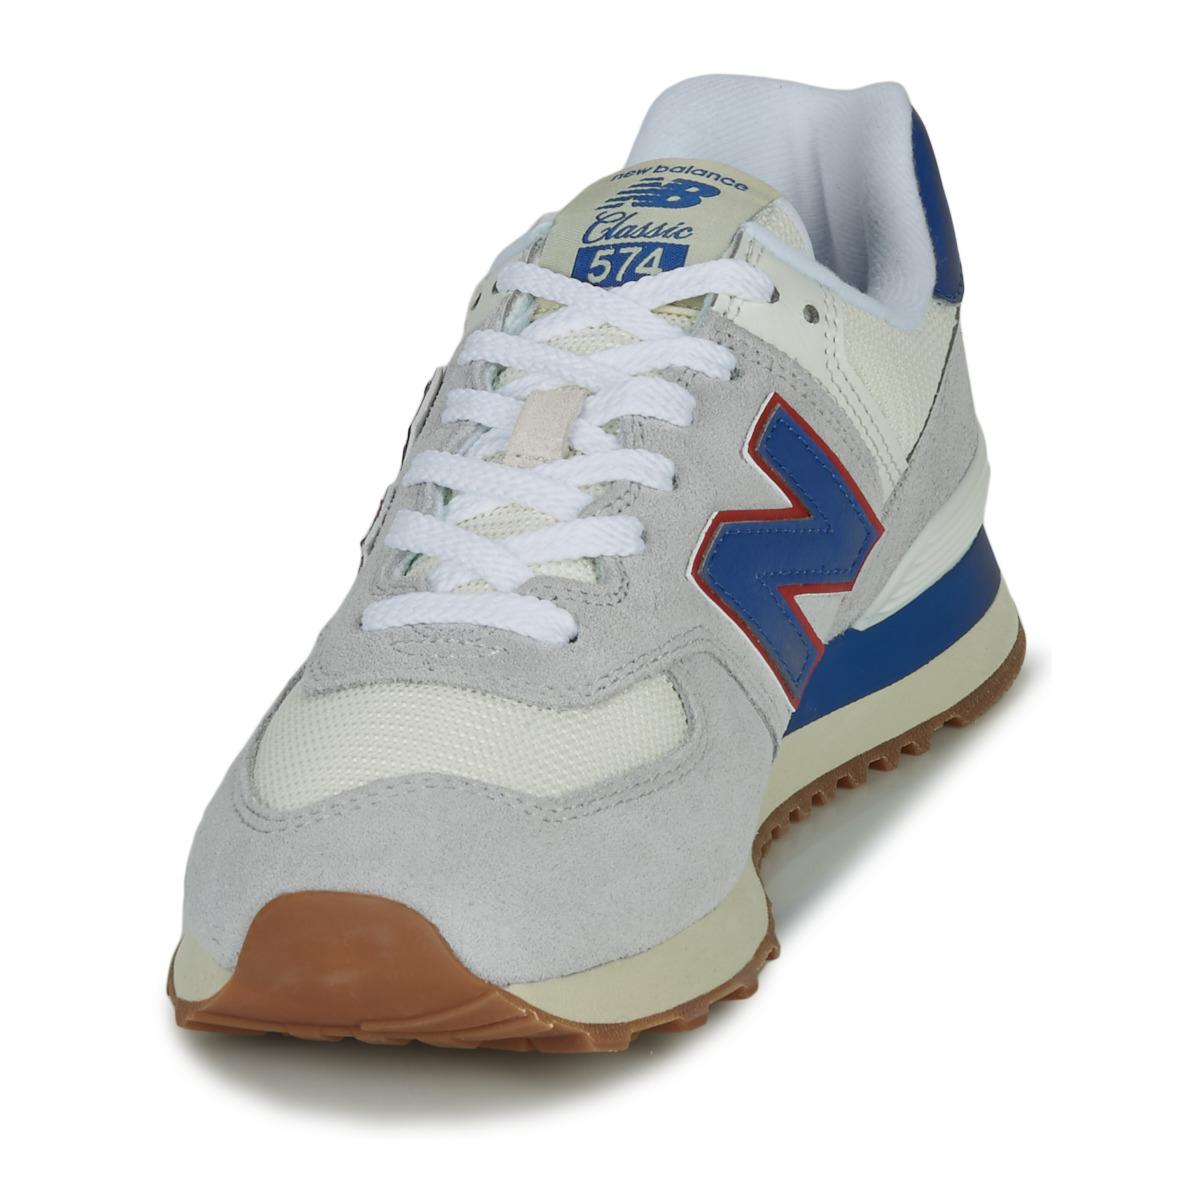 scarpe da ginnastica donna new balance 574